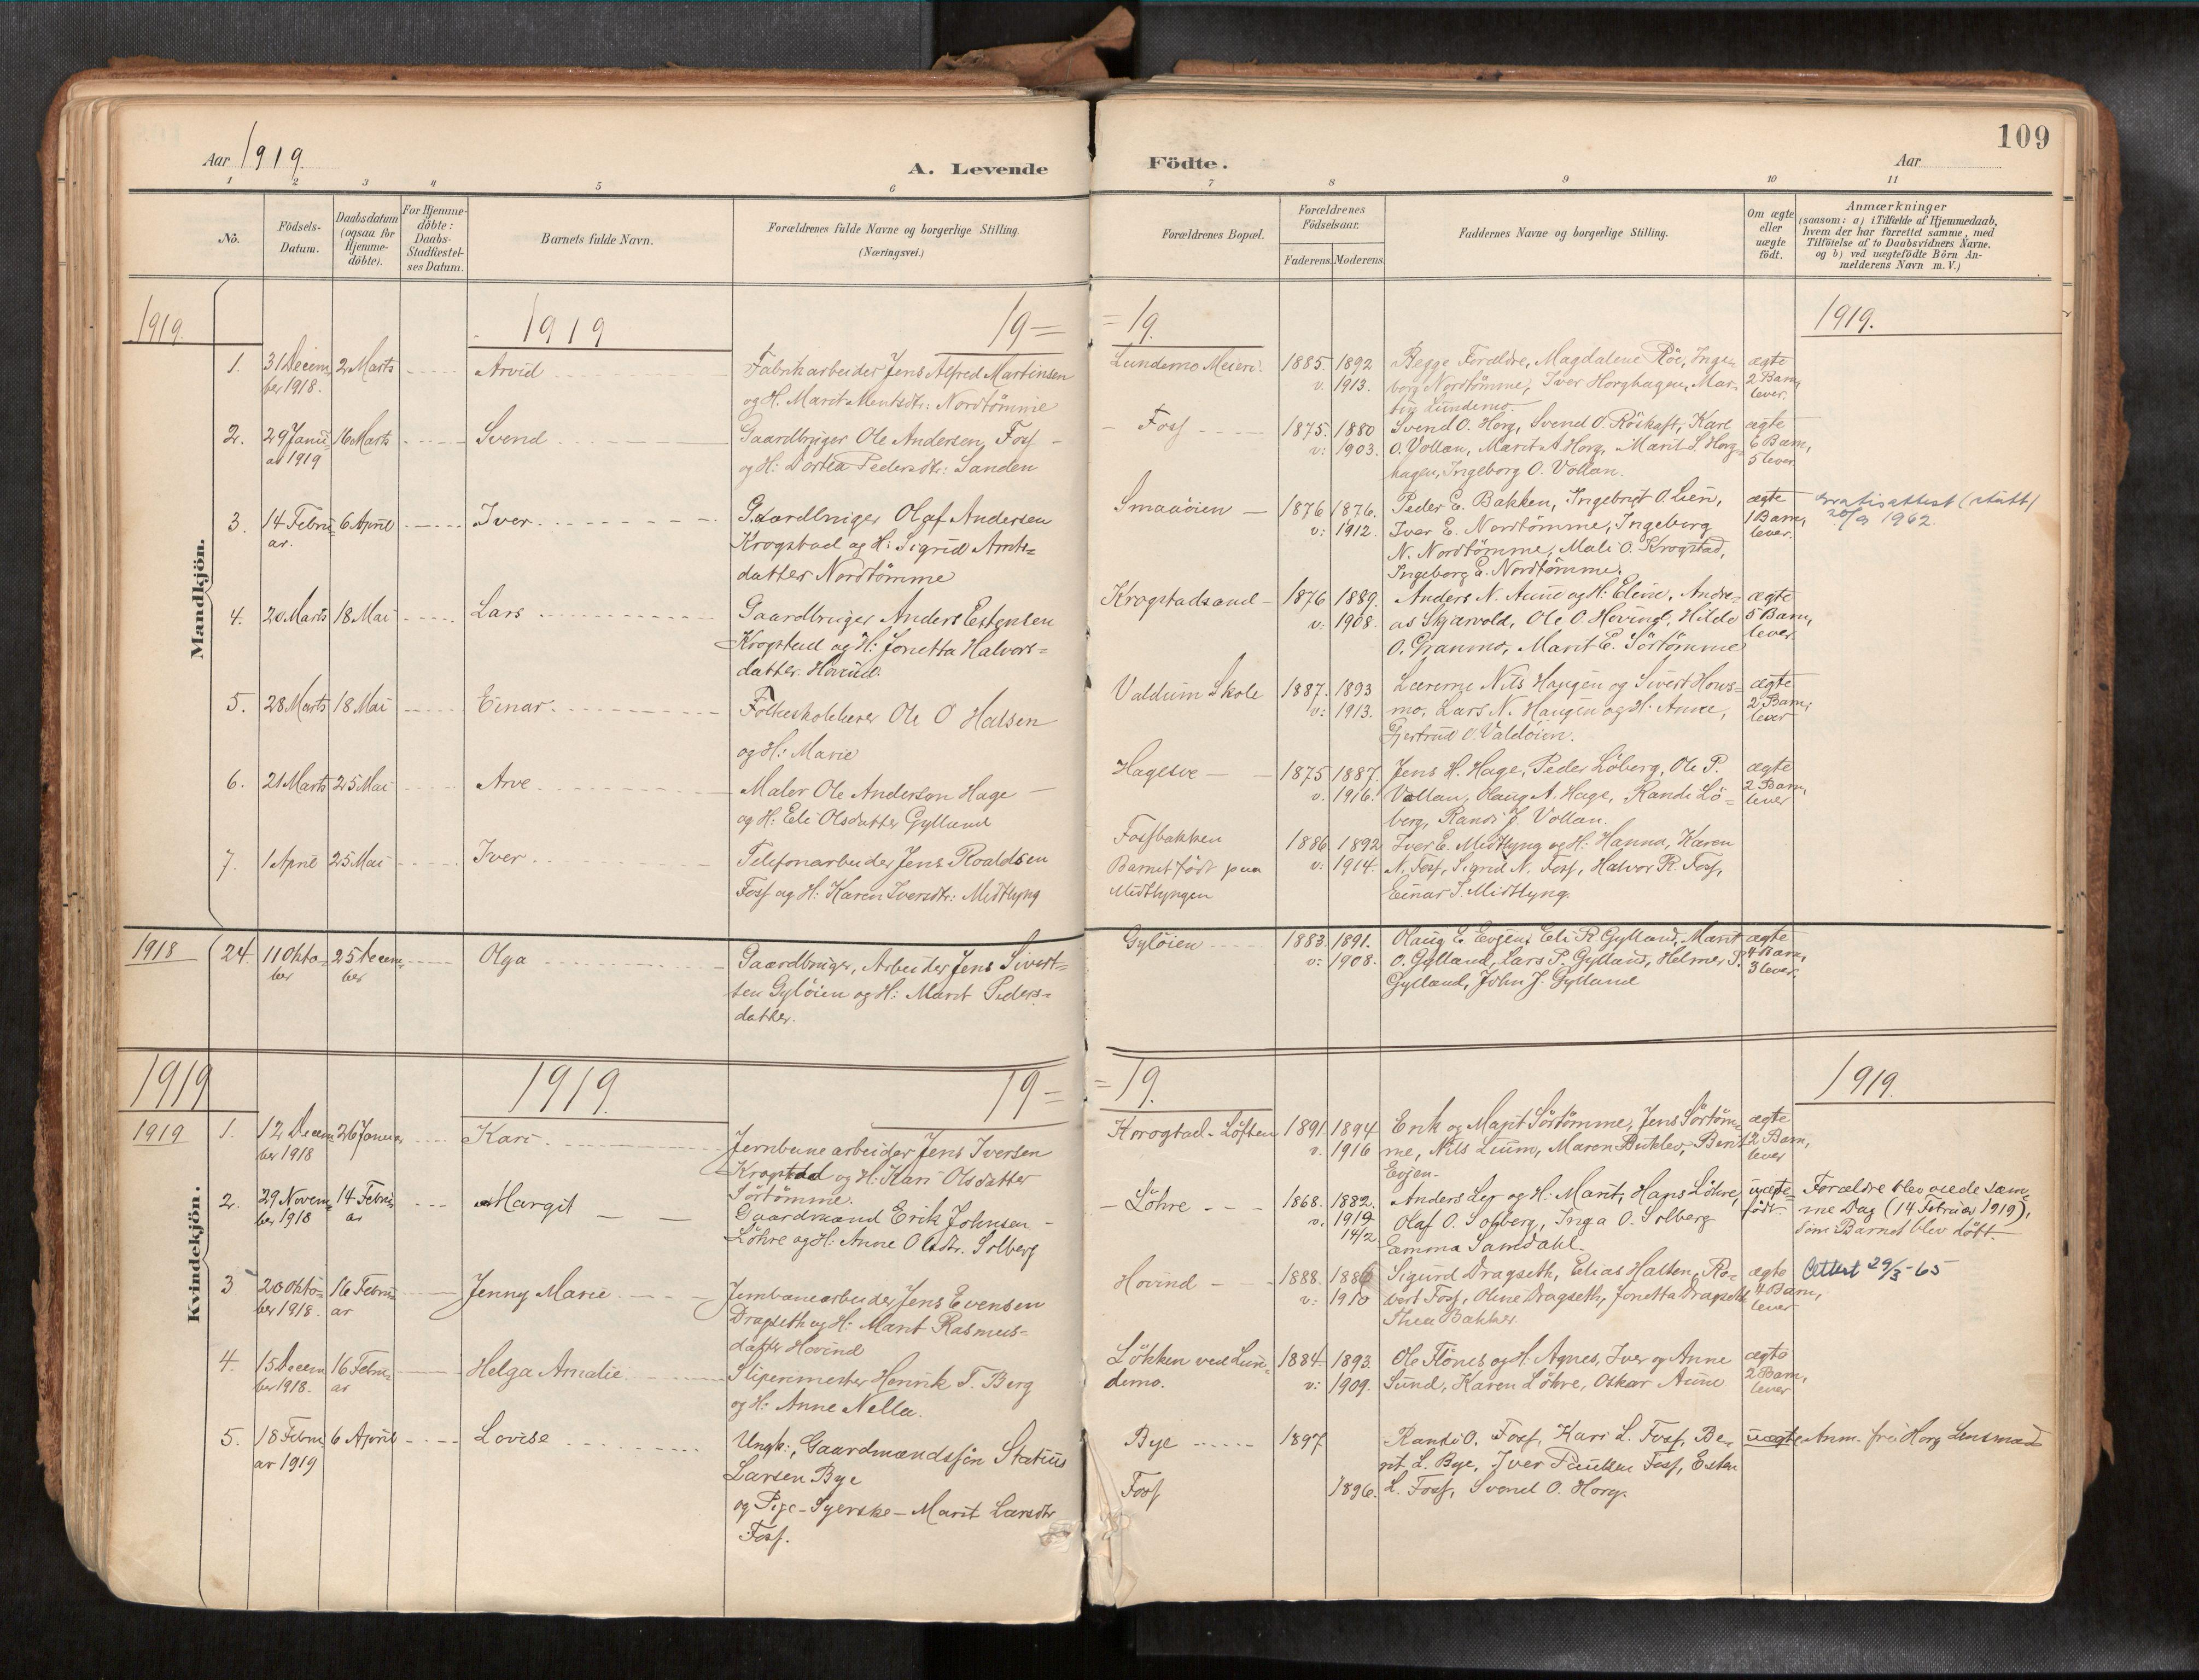 SAT, Ministerialprotokoller, klokkerbøker og fødselsregistre - Sør-Trøndelag, 692/L1105b: Ministerialbok nr. 692A06, 1891-1934, s. 109